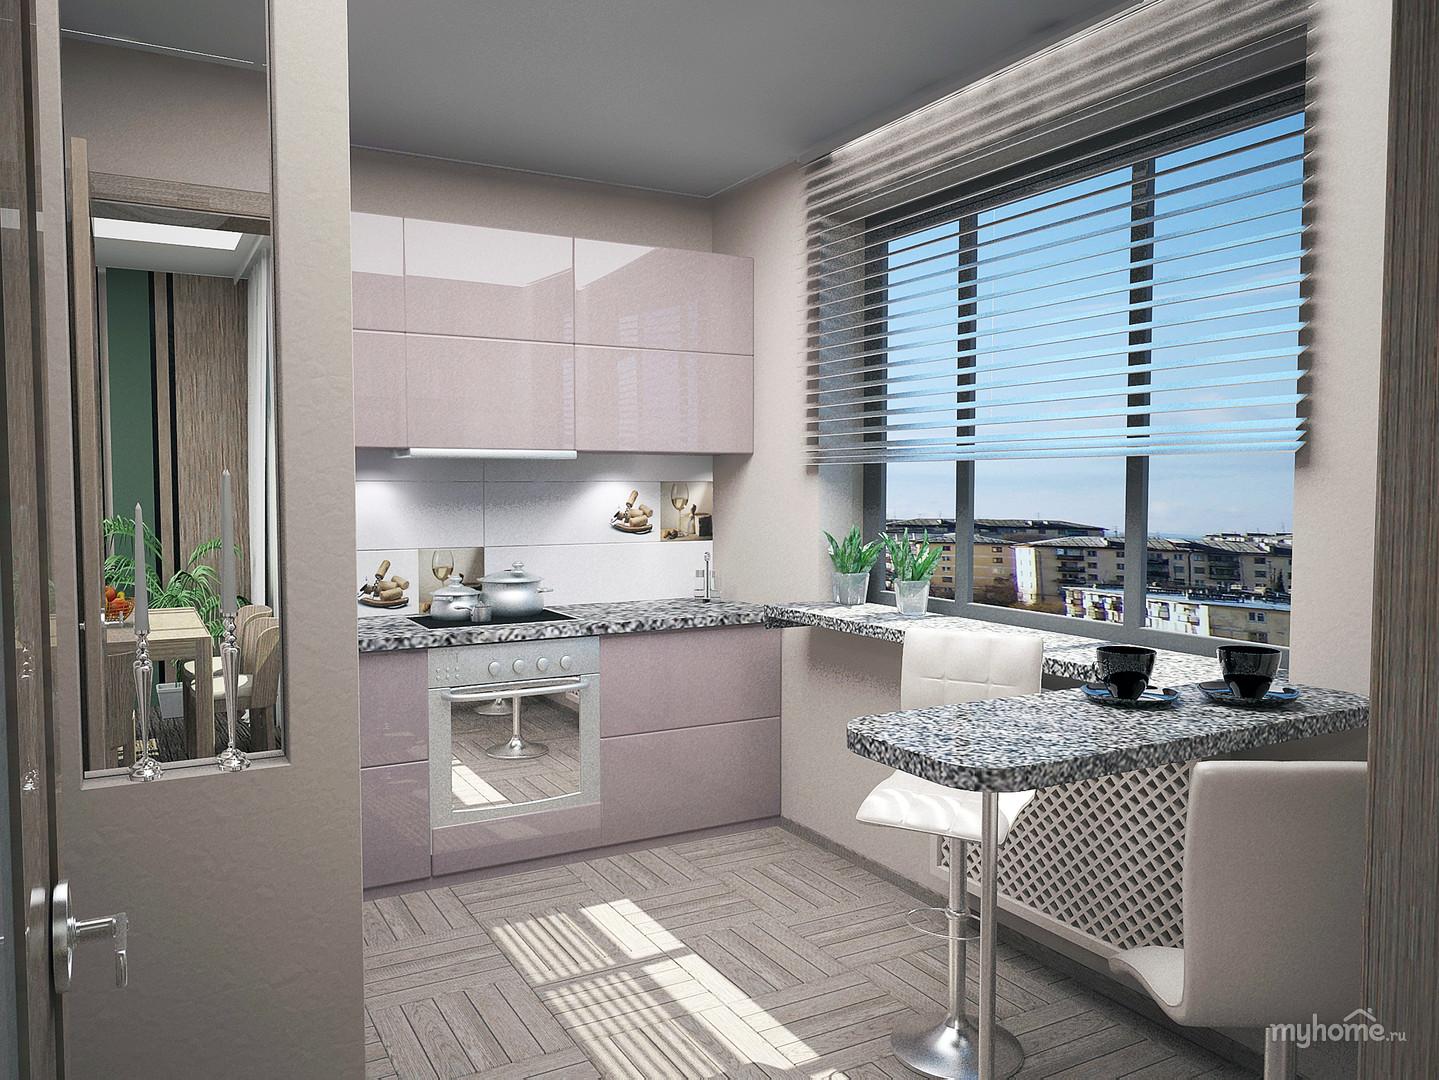 Дизайн кухни типовых квартир панельные дома